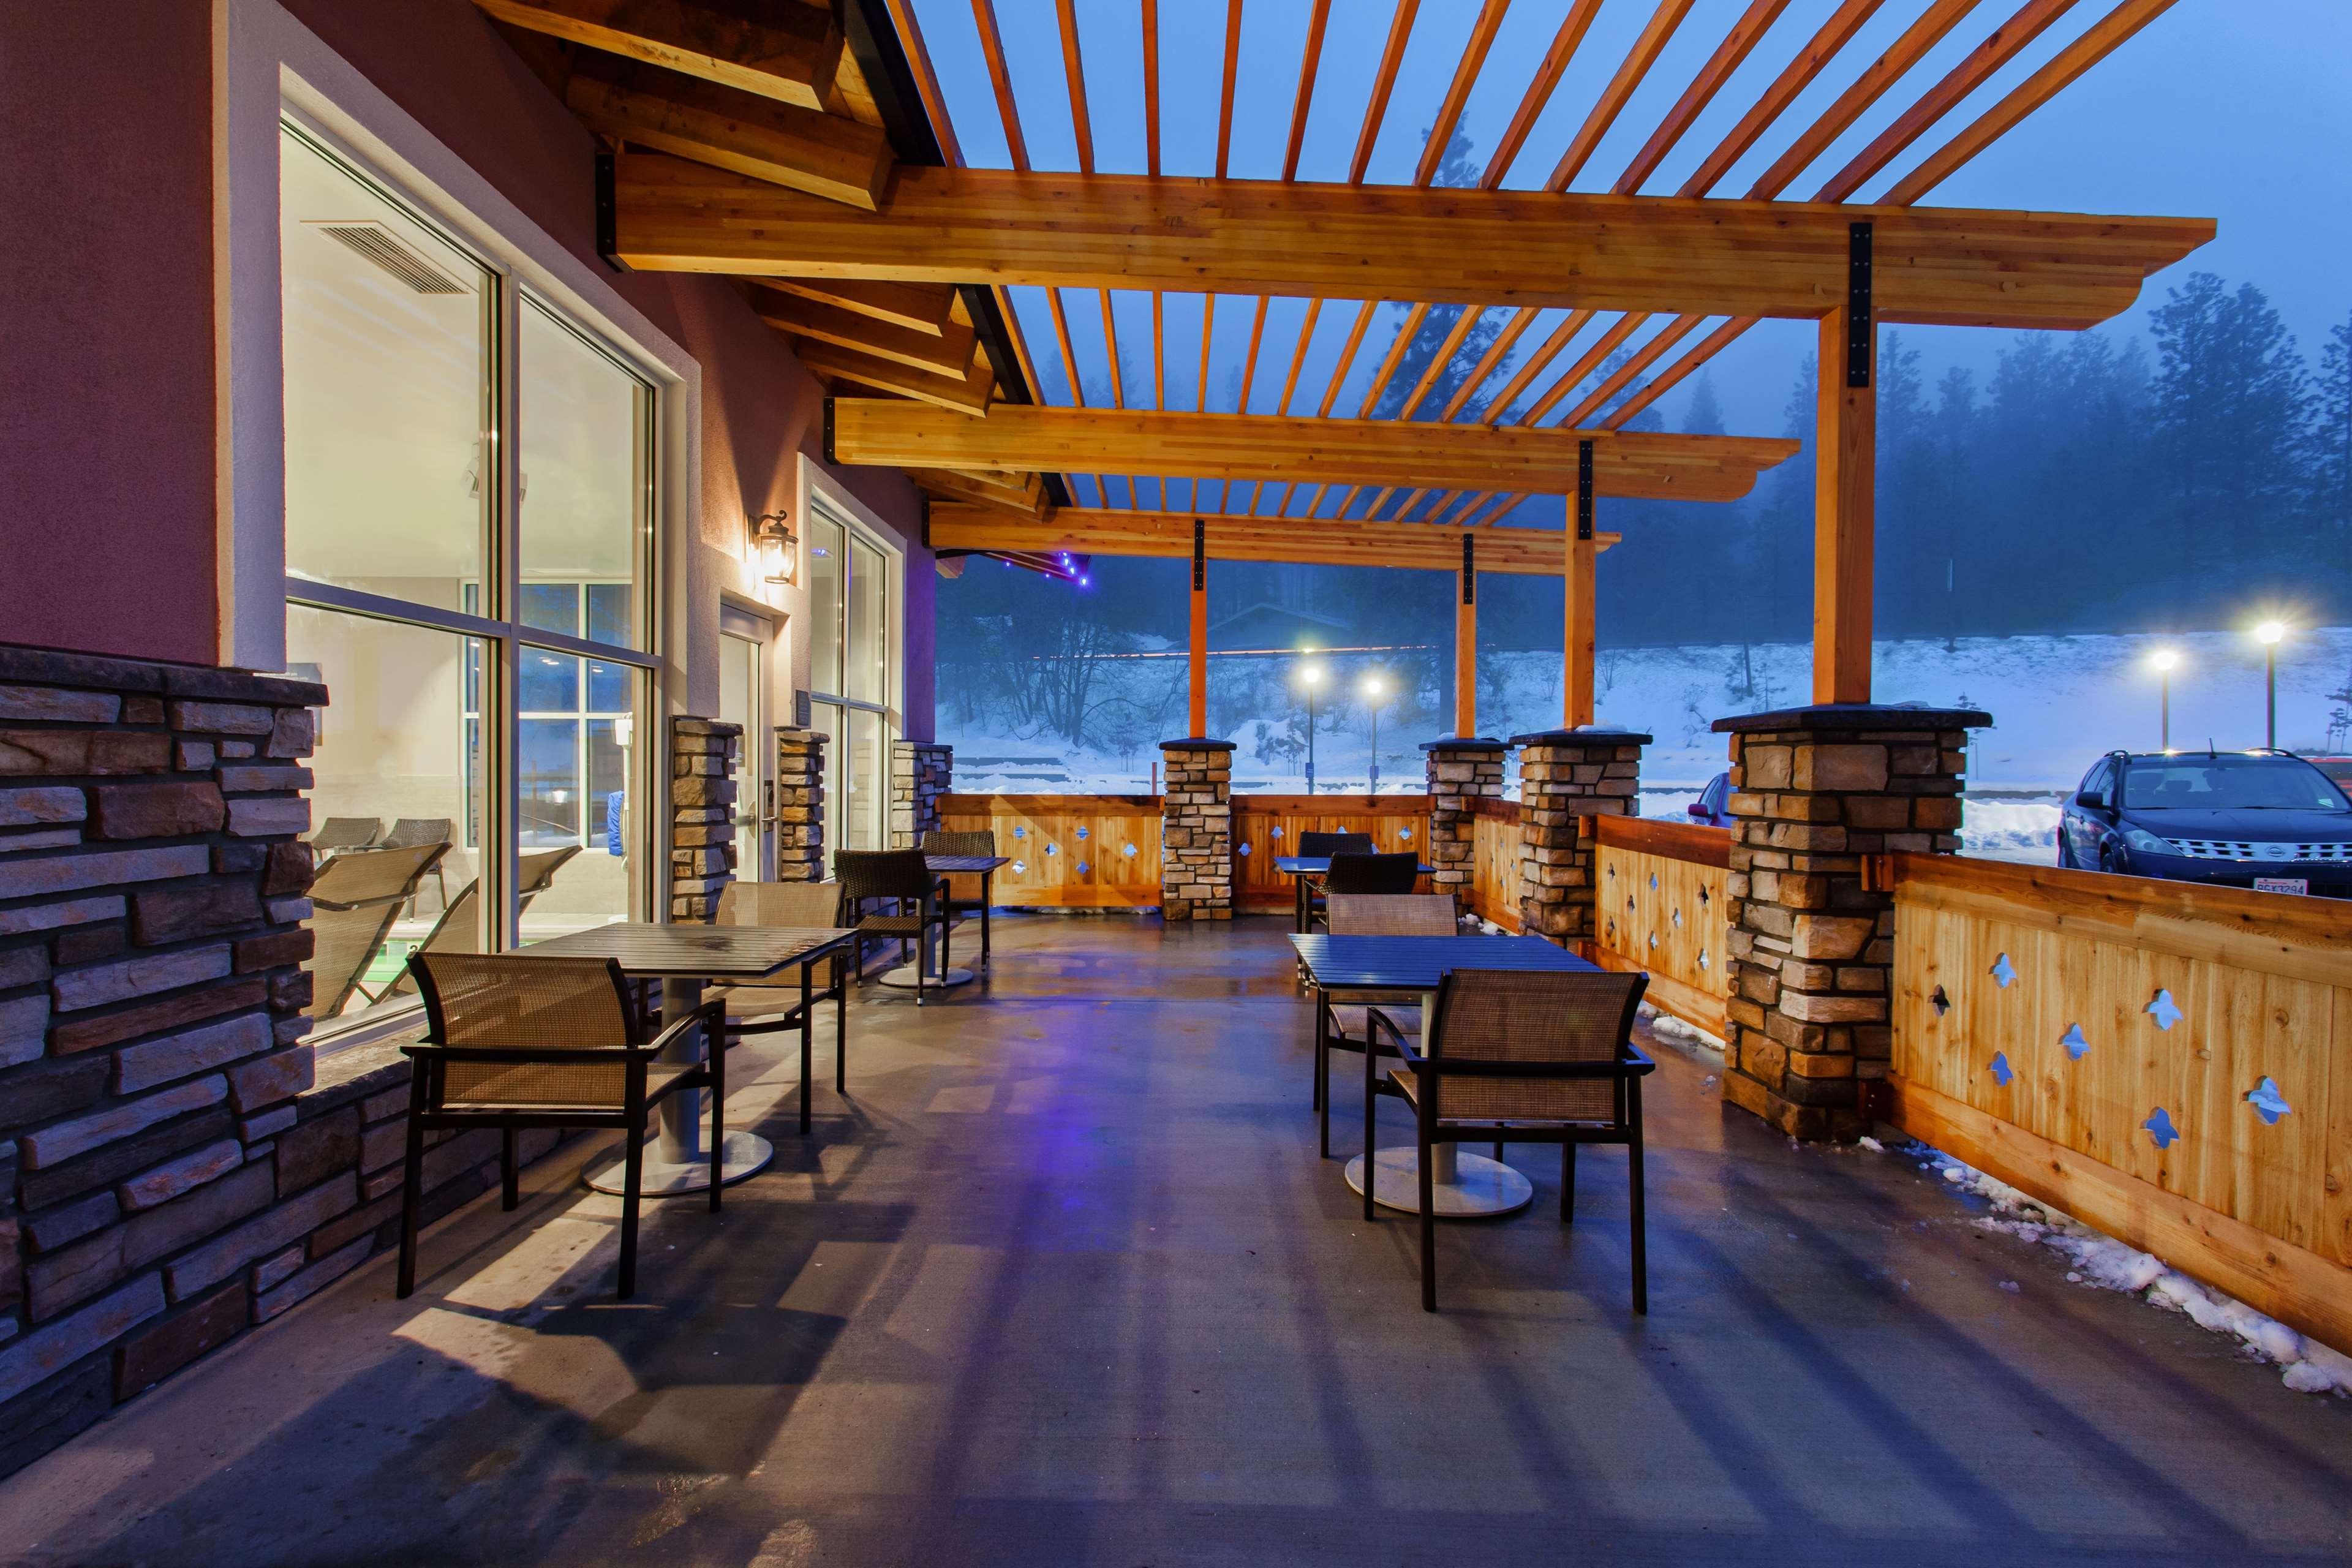 Hampton Inn & Suites Leavenworth image 2